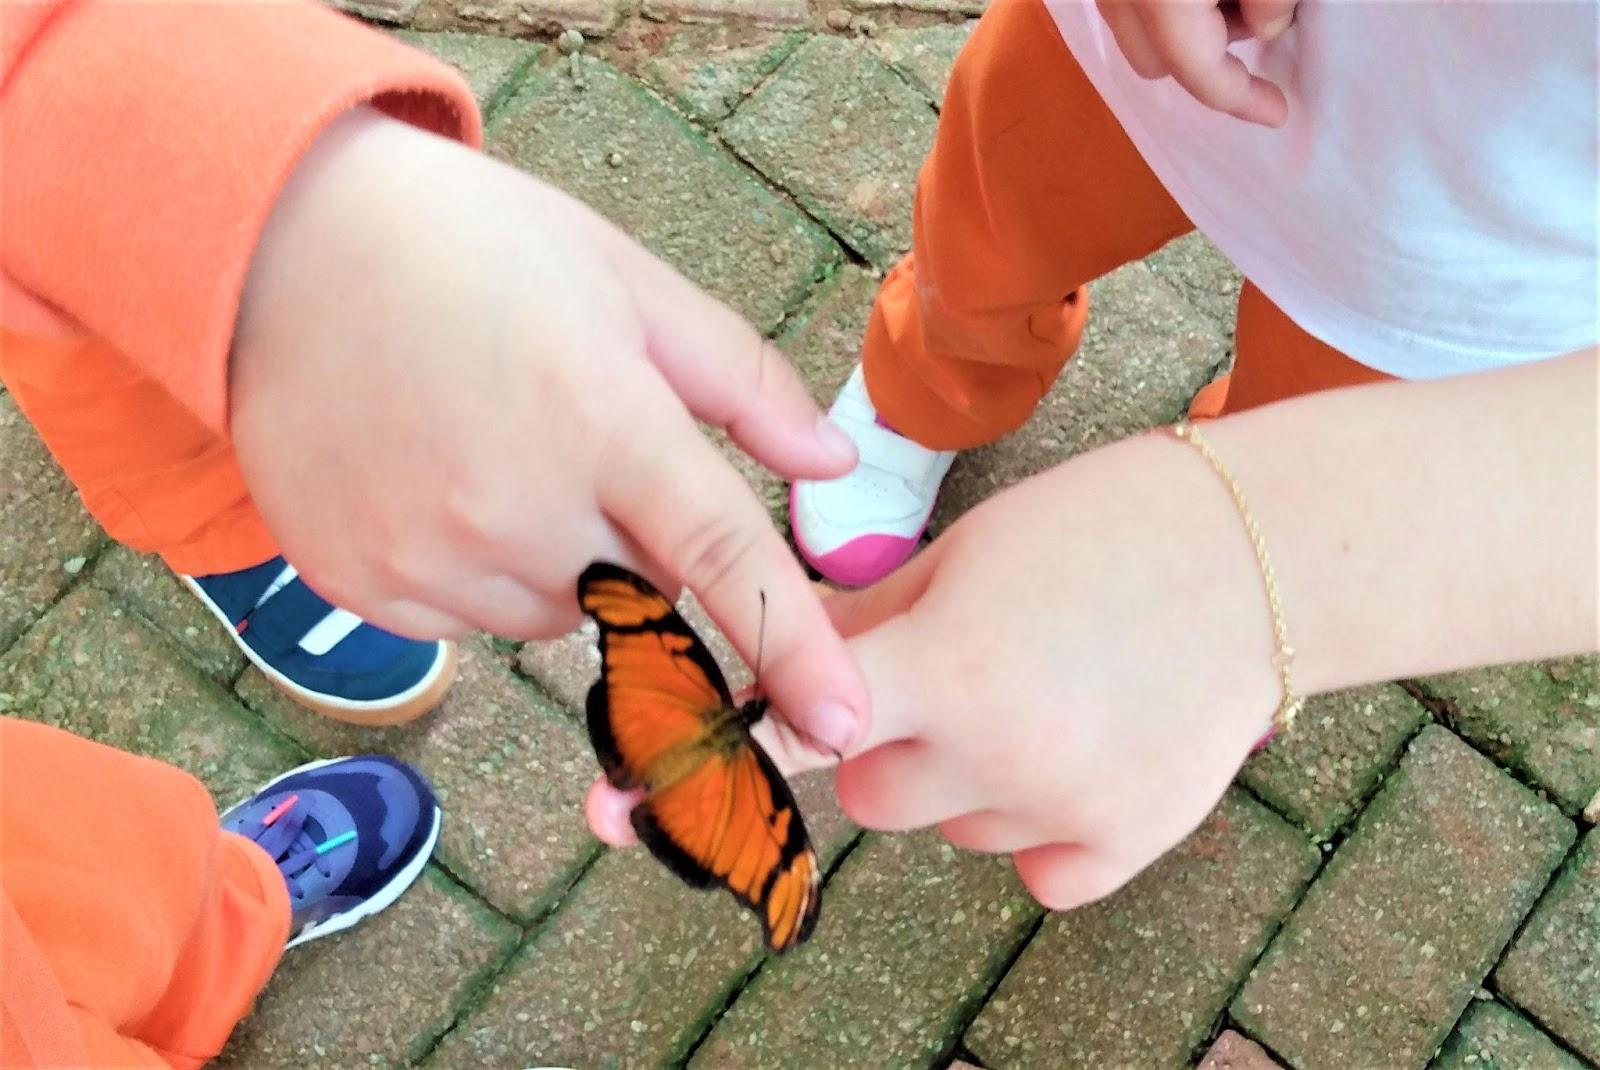 A imagem mostra uma borboleta com asas cor de laranja, com detalhes pretos, pousada na mão de duas crianças.